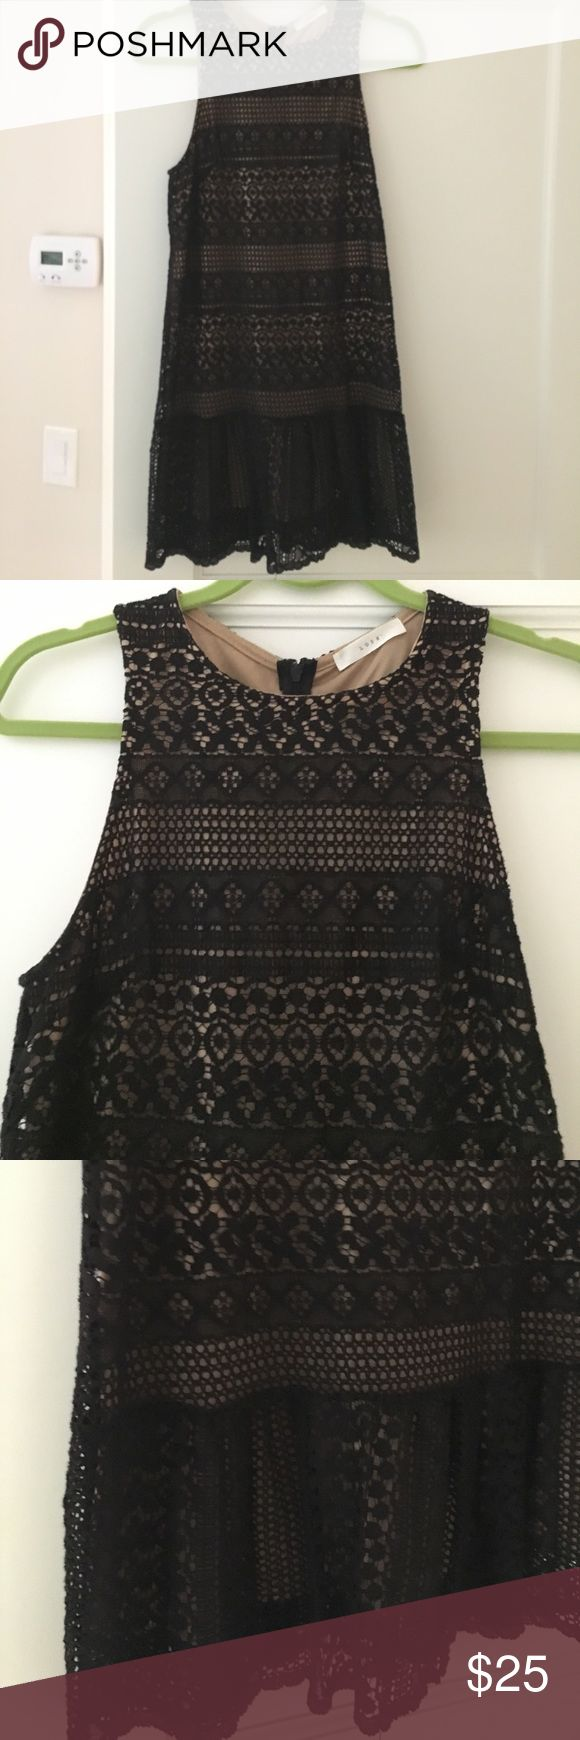 Lush black lace dress with tan lining Nordstrom's Lush- black lace dress with tan slip built in size S. Falls above the knee Lush Dresses Mini